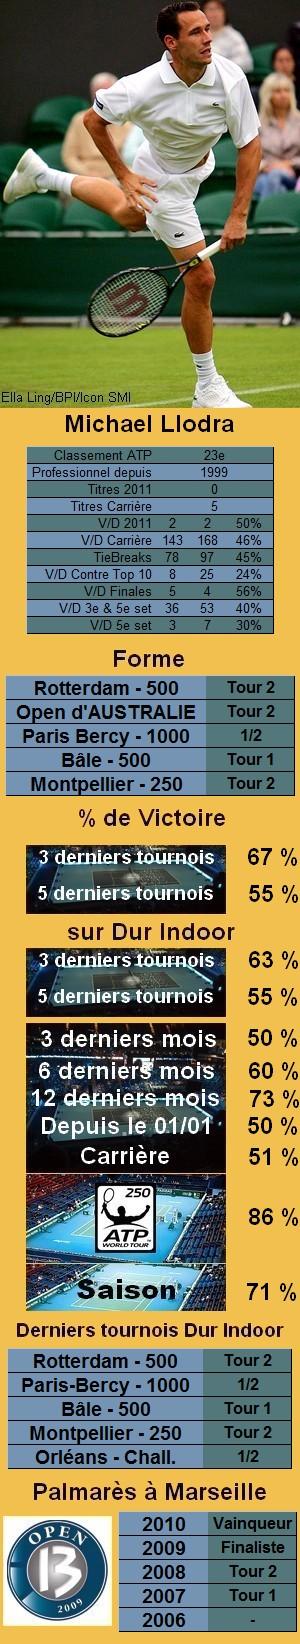 Statistiques tennis Michael Llodra